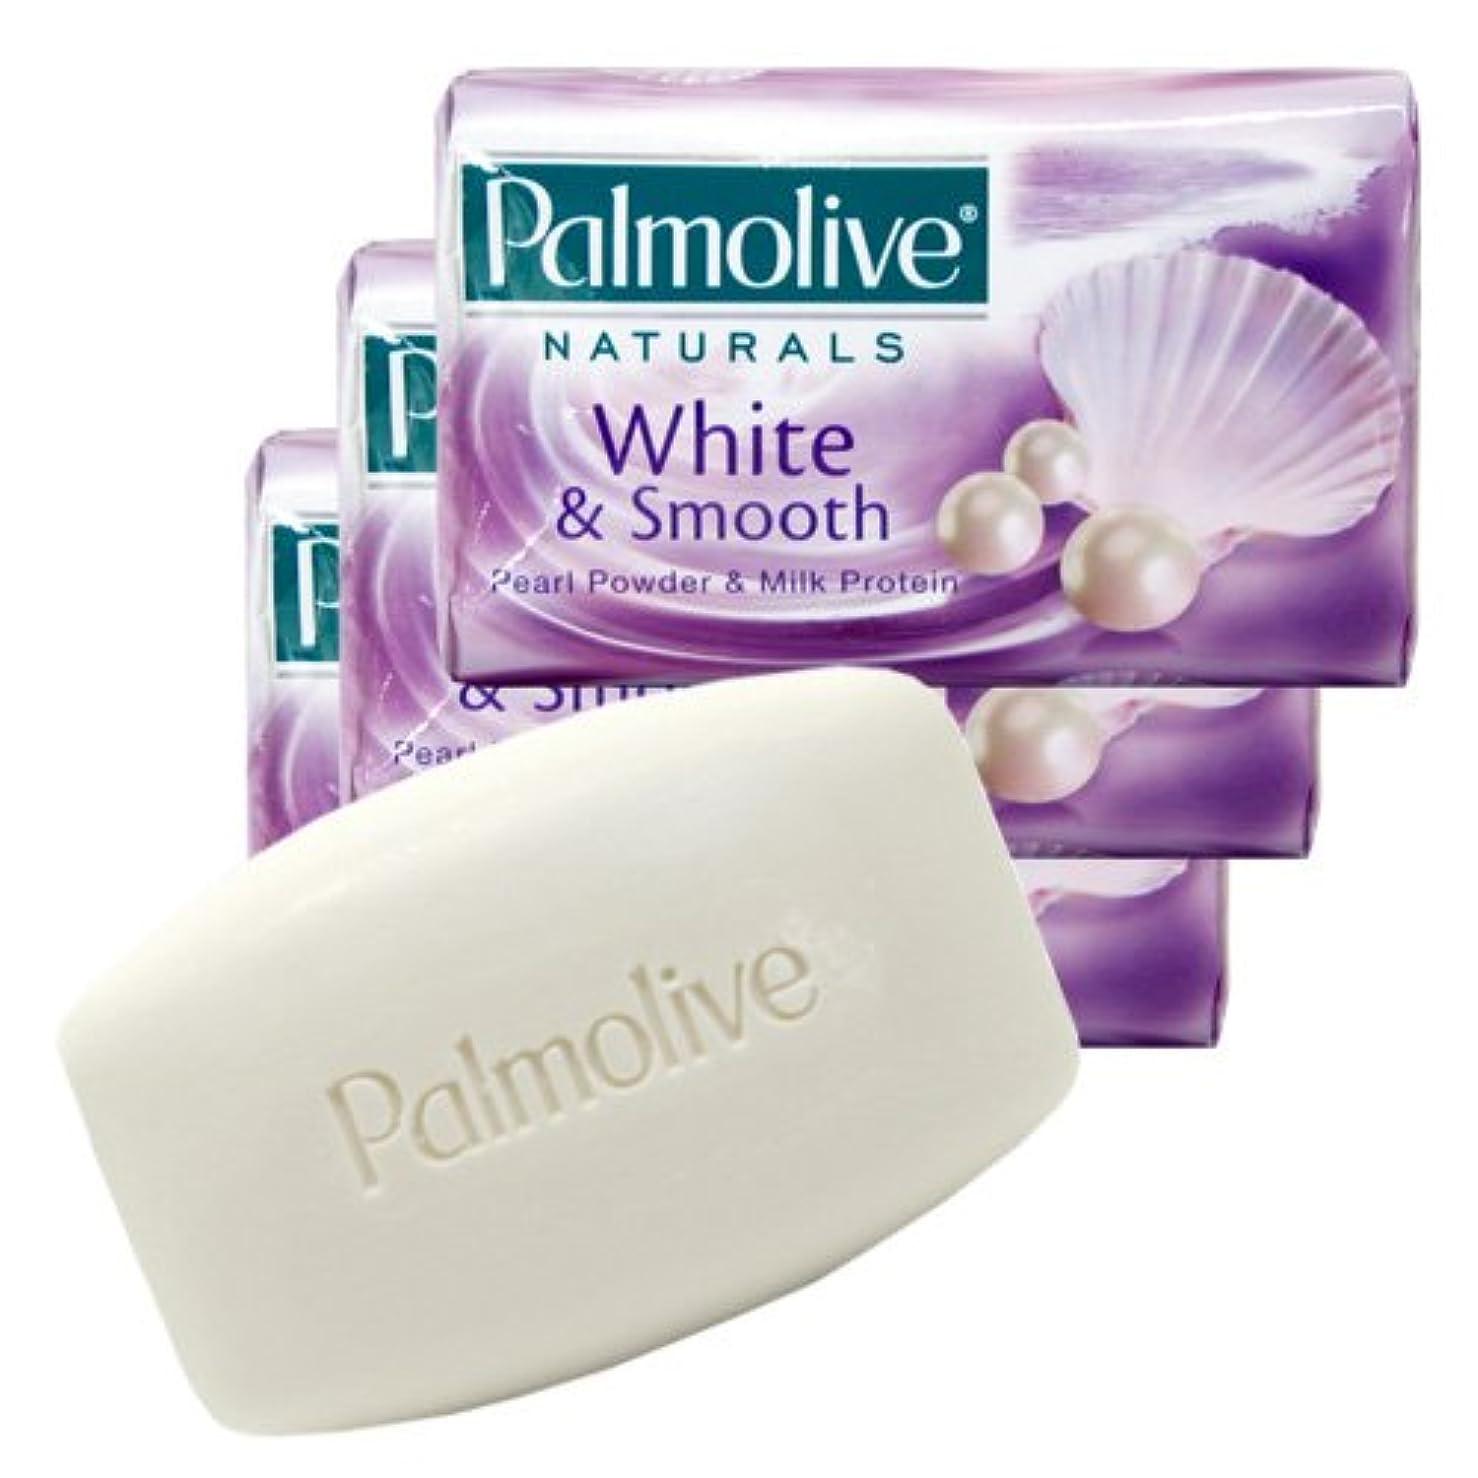 成果文法明確に【Palmolive】パルモリーブ ナチュラルズ石鹸3個パック ホワイト&スムース(パールパウダー&ミルクプロテイン)80g×3